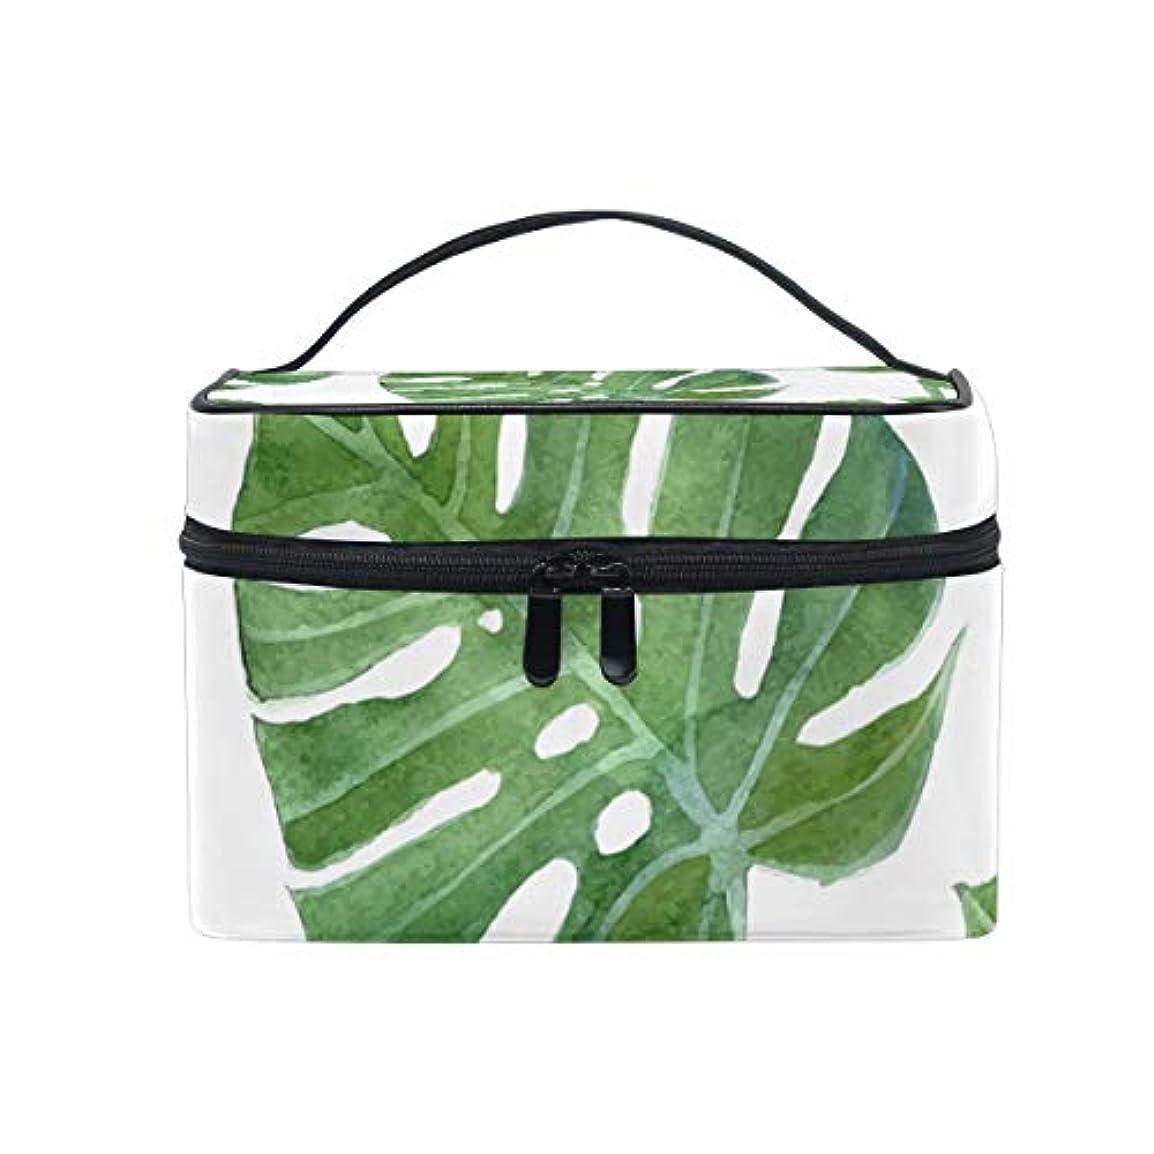 グラマーマルコポーロ緑ユキオ(UKIO) メイクポーチ 大容量 シンプル かわいい 持ち運び 旅行 化粧ポーチ コスメバッグ 化粧品 ハワイ 葉 緑 レディース 収納ケース ポーチ 収納ボックス 化粧箱 メイクバッグ